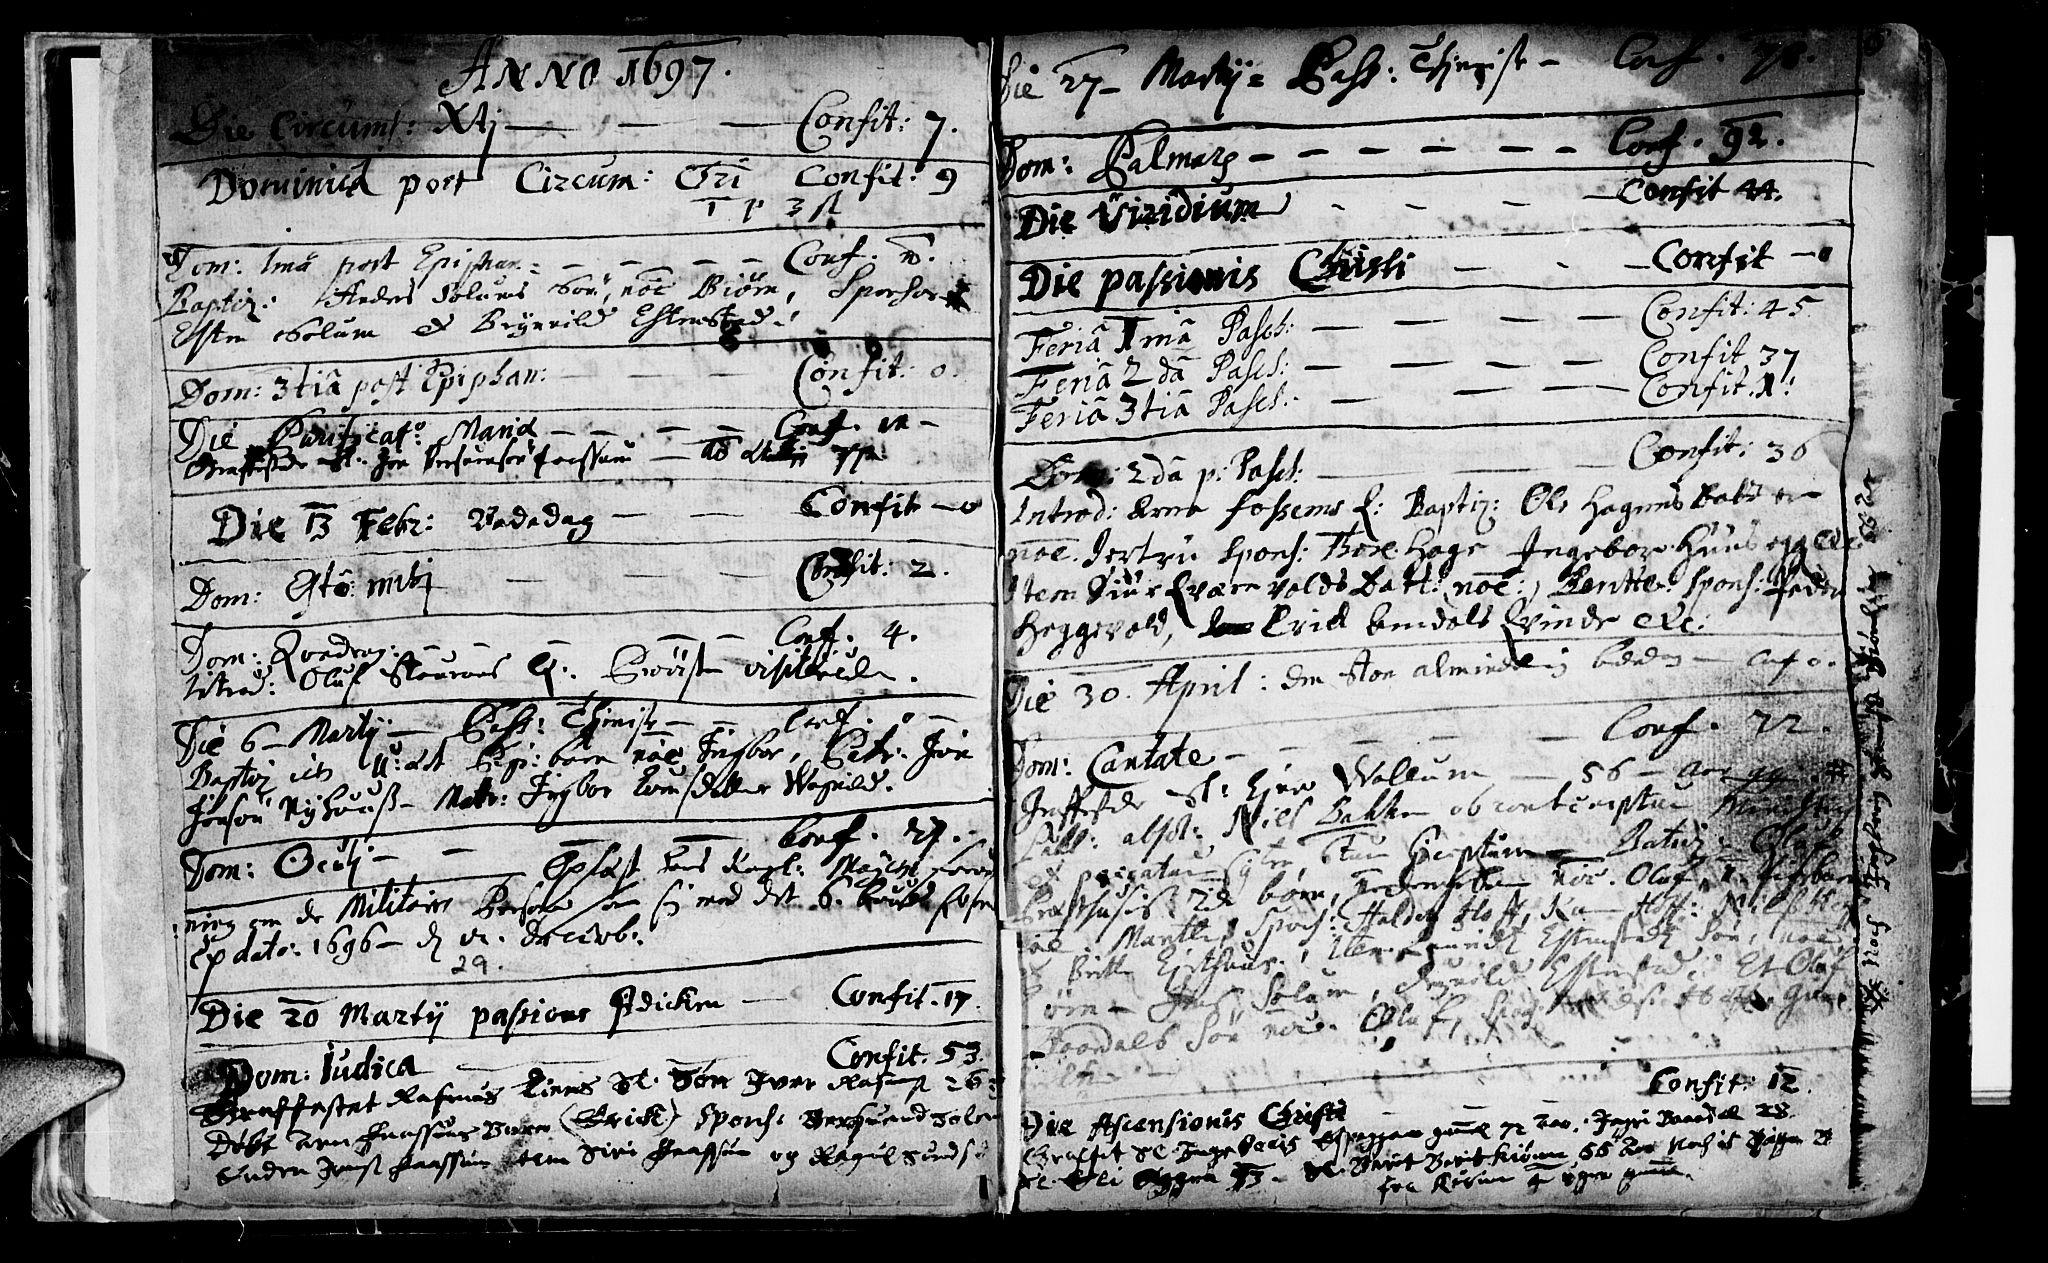 SAT, Ministerialprotokoller, klokkerbøker og fødselsregistre - Sør-Trøndelag, 689/L1036: Ministerialbok nr. 689A01, 1696-1746, s. 6